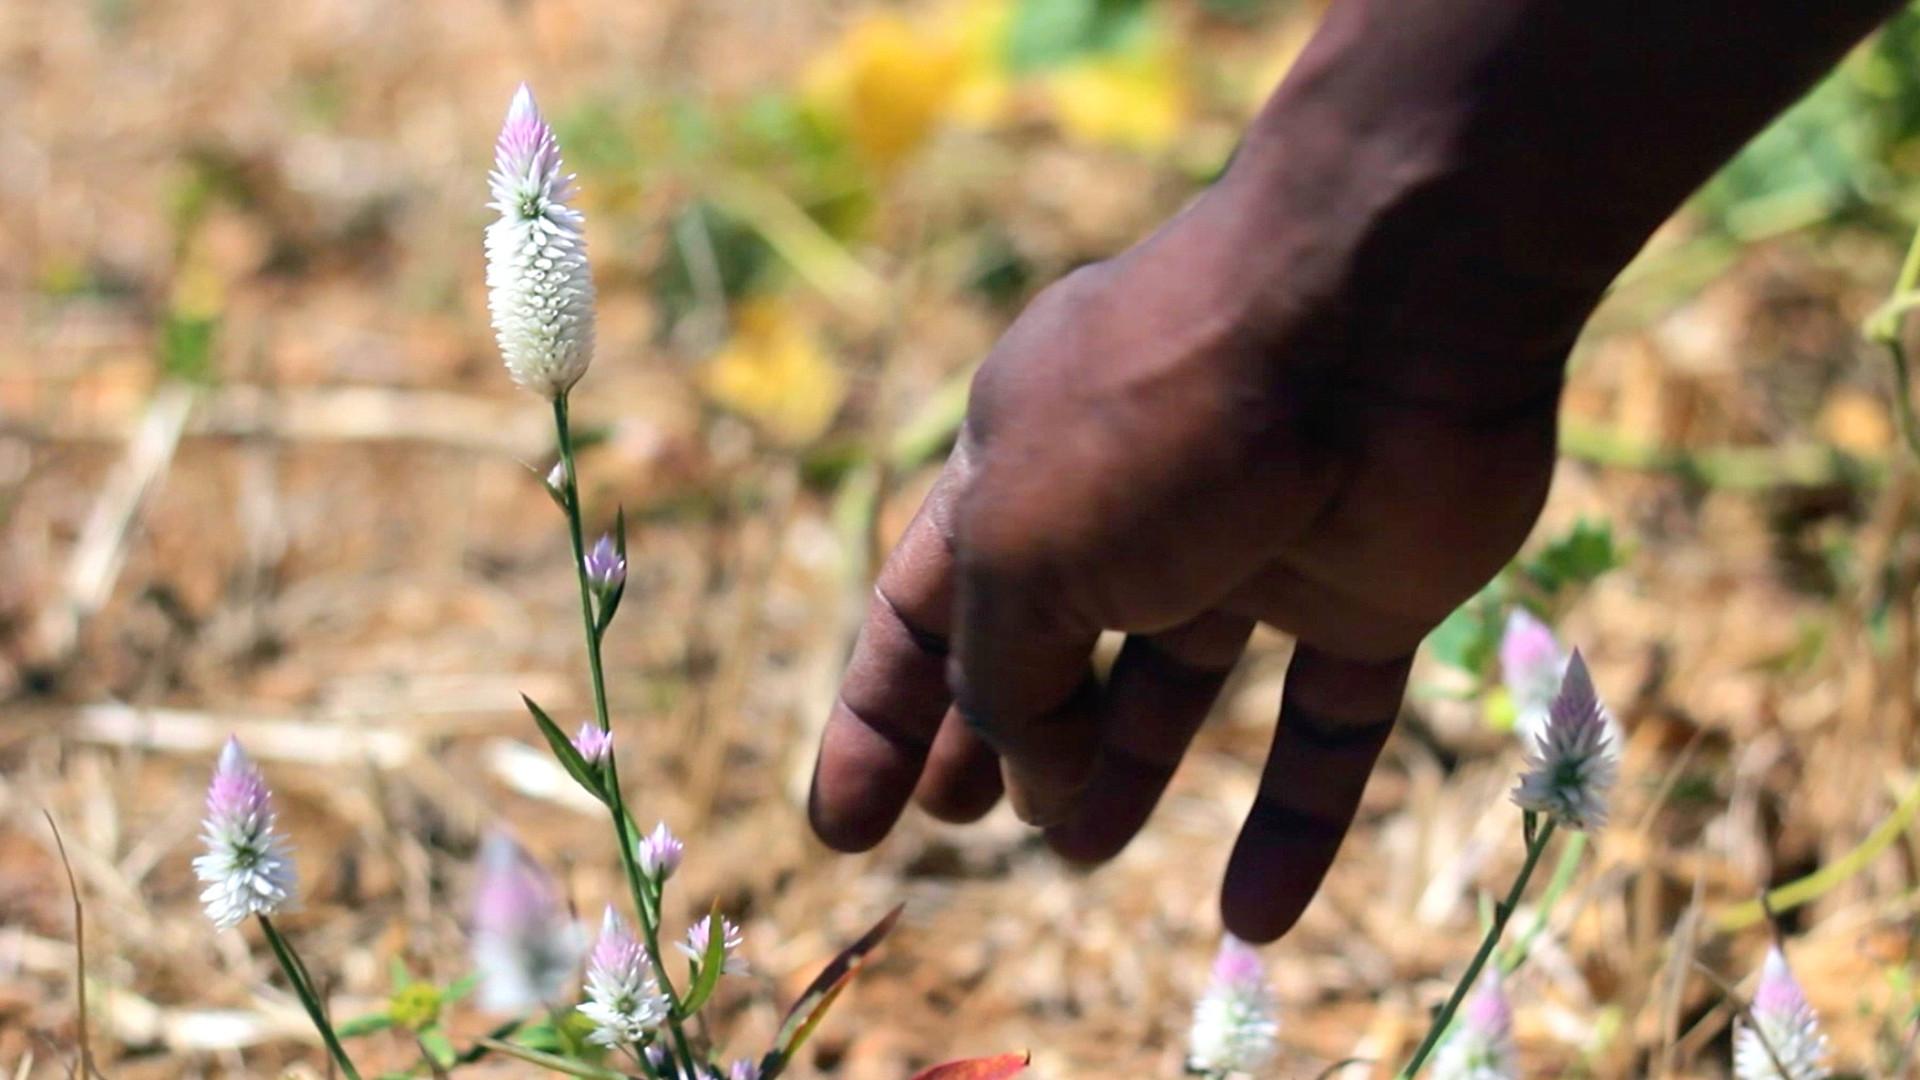 Soliga plant